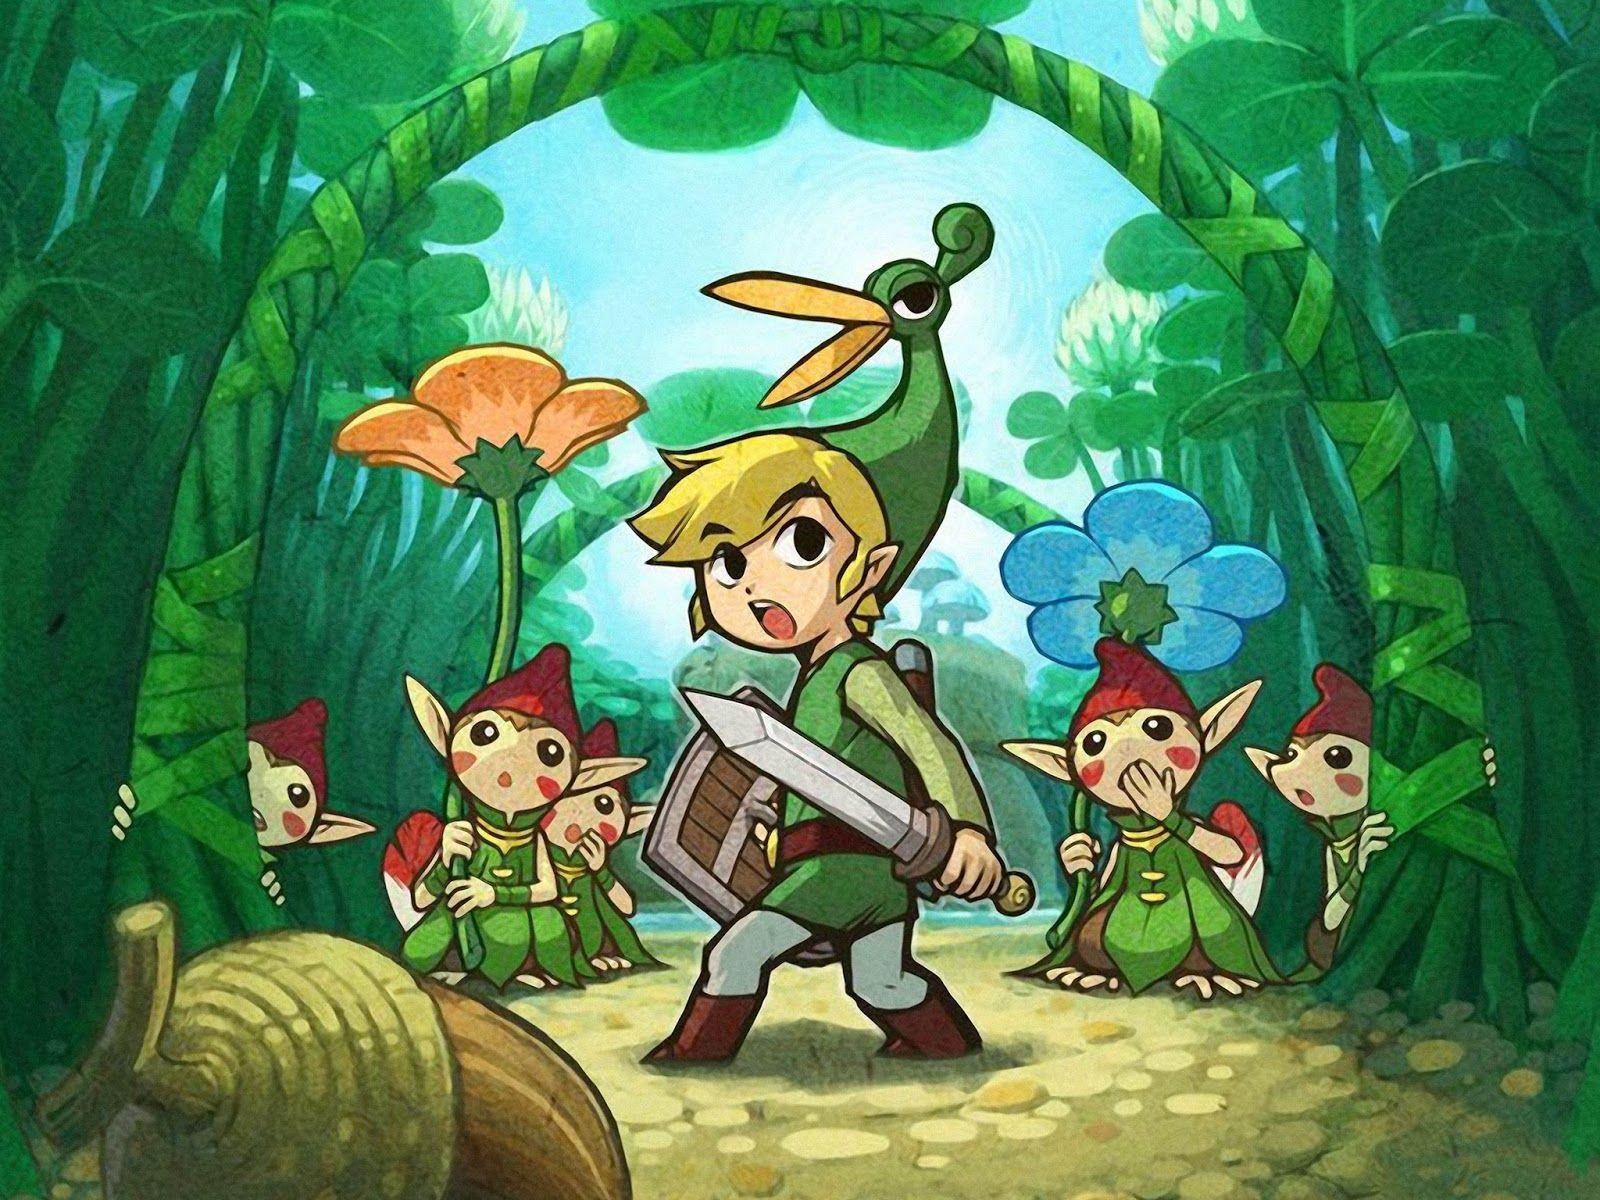 Zelda iphone wallpaper tumblr - The Legend Of Zelda Wallpaper Hd